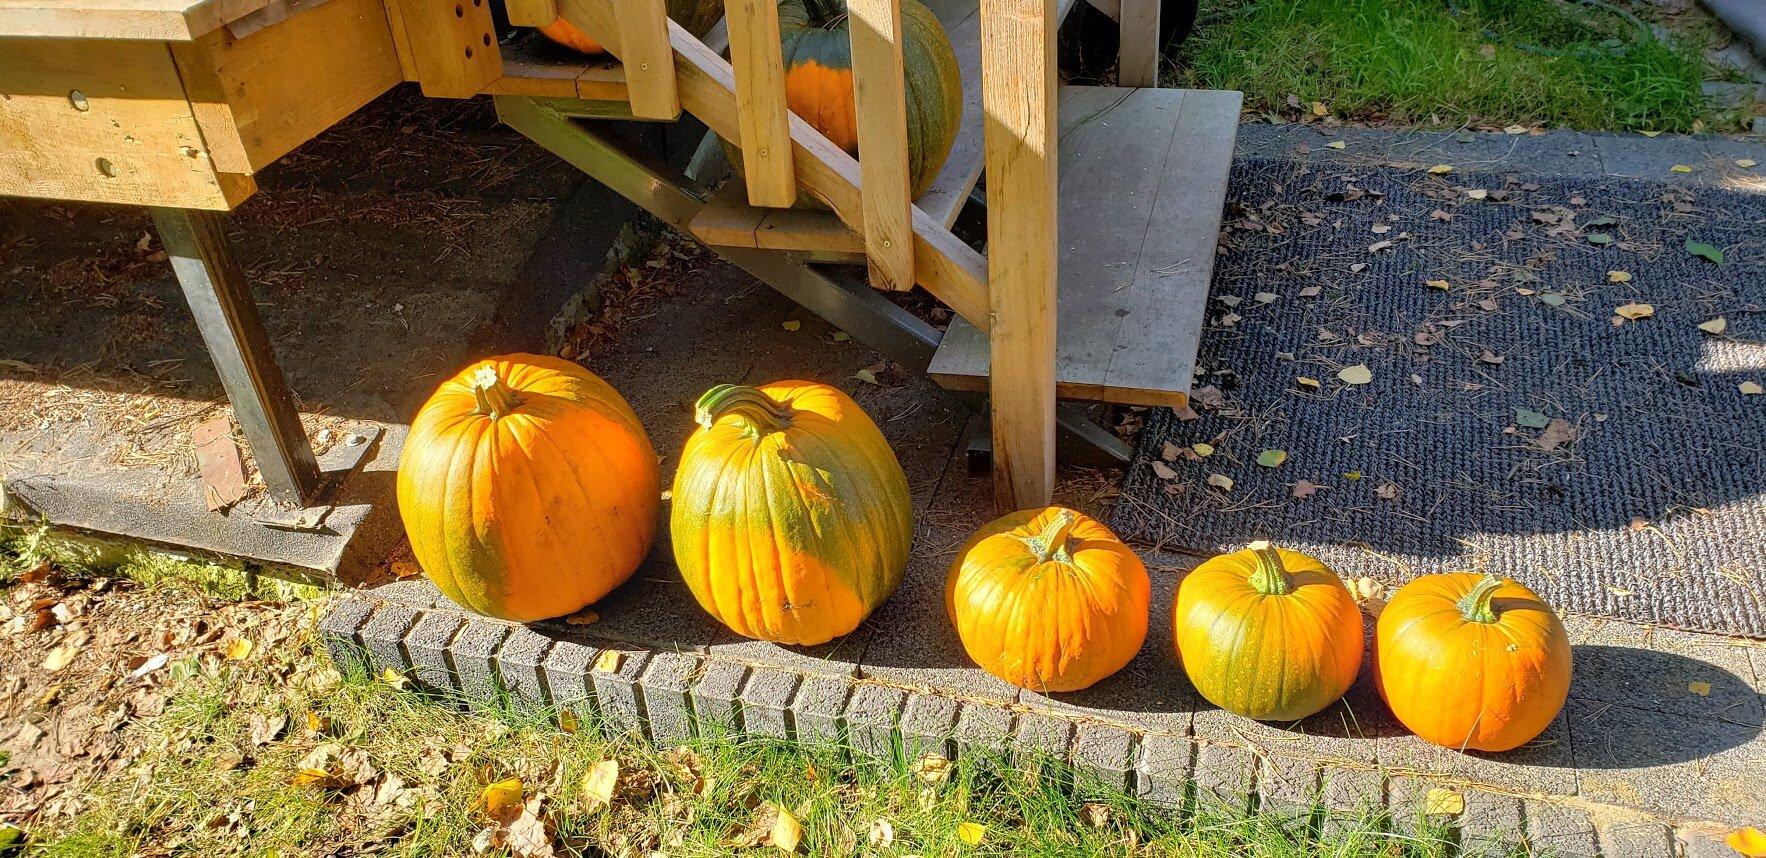 pumpkins 2019 11.jpg